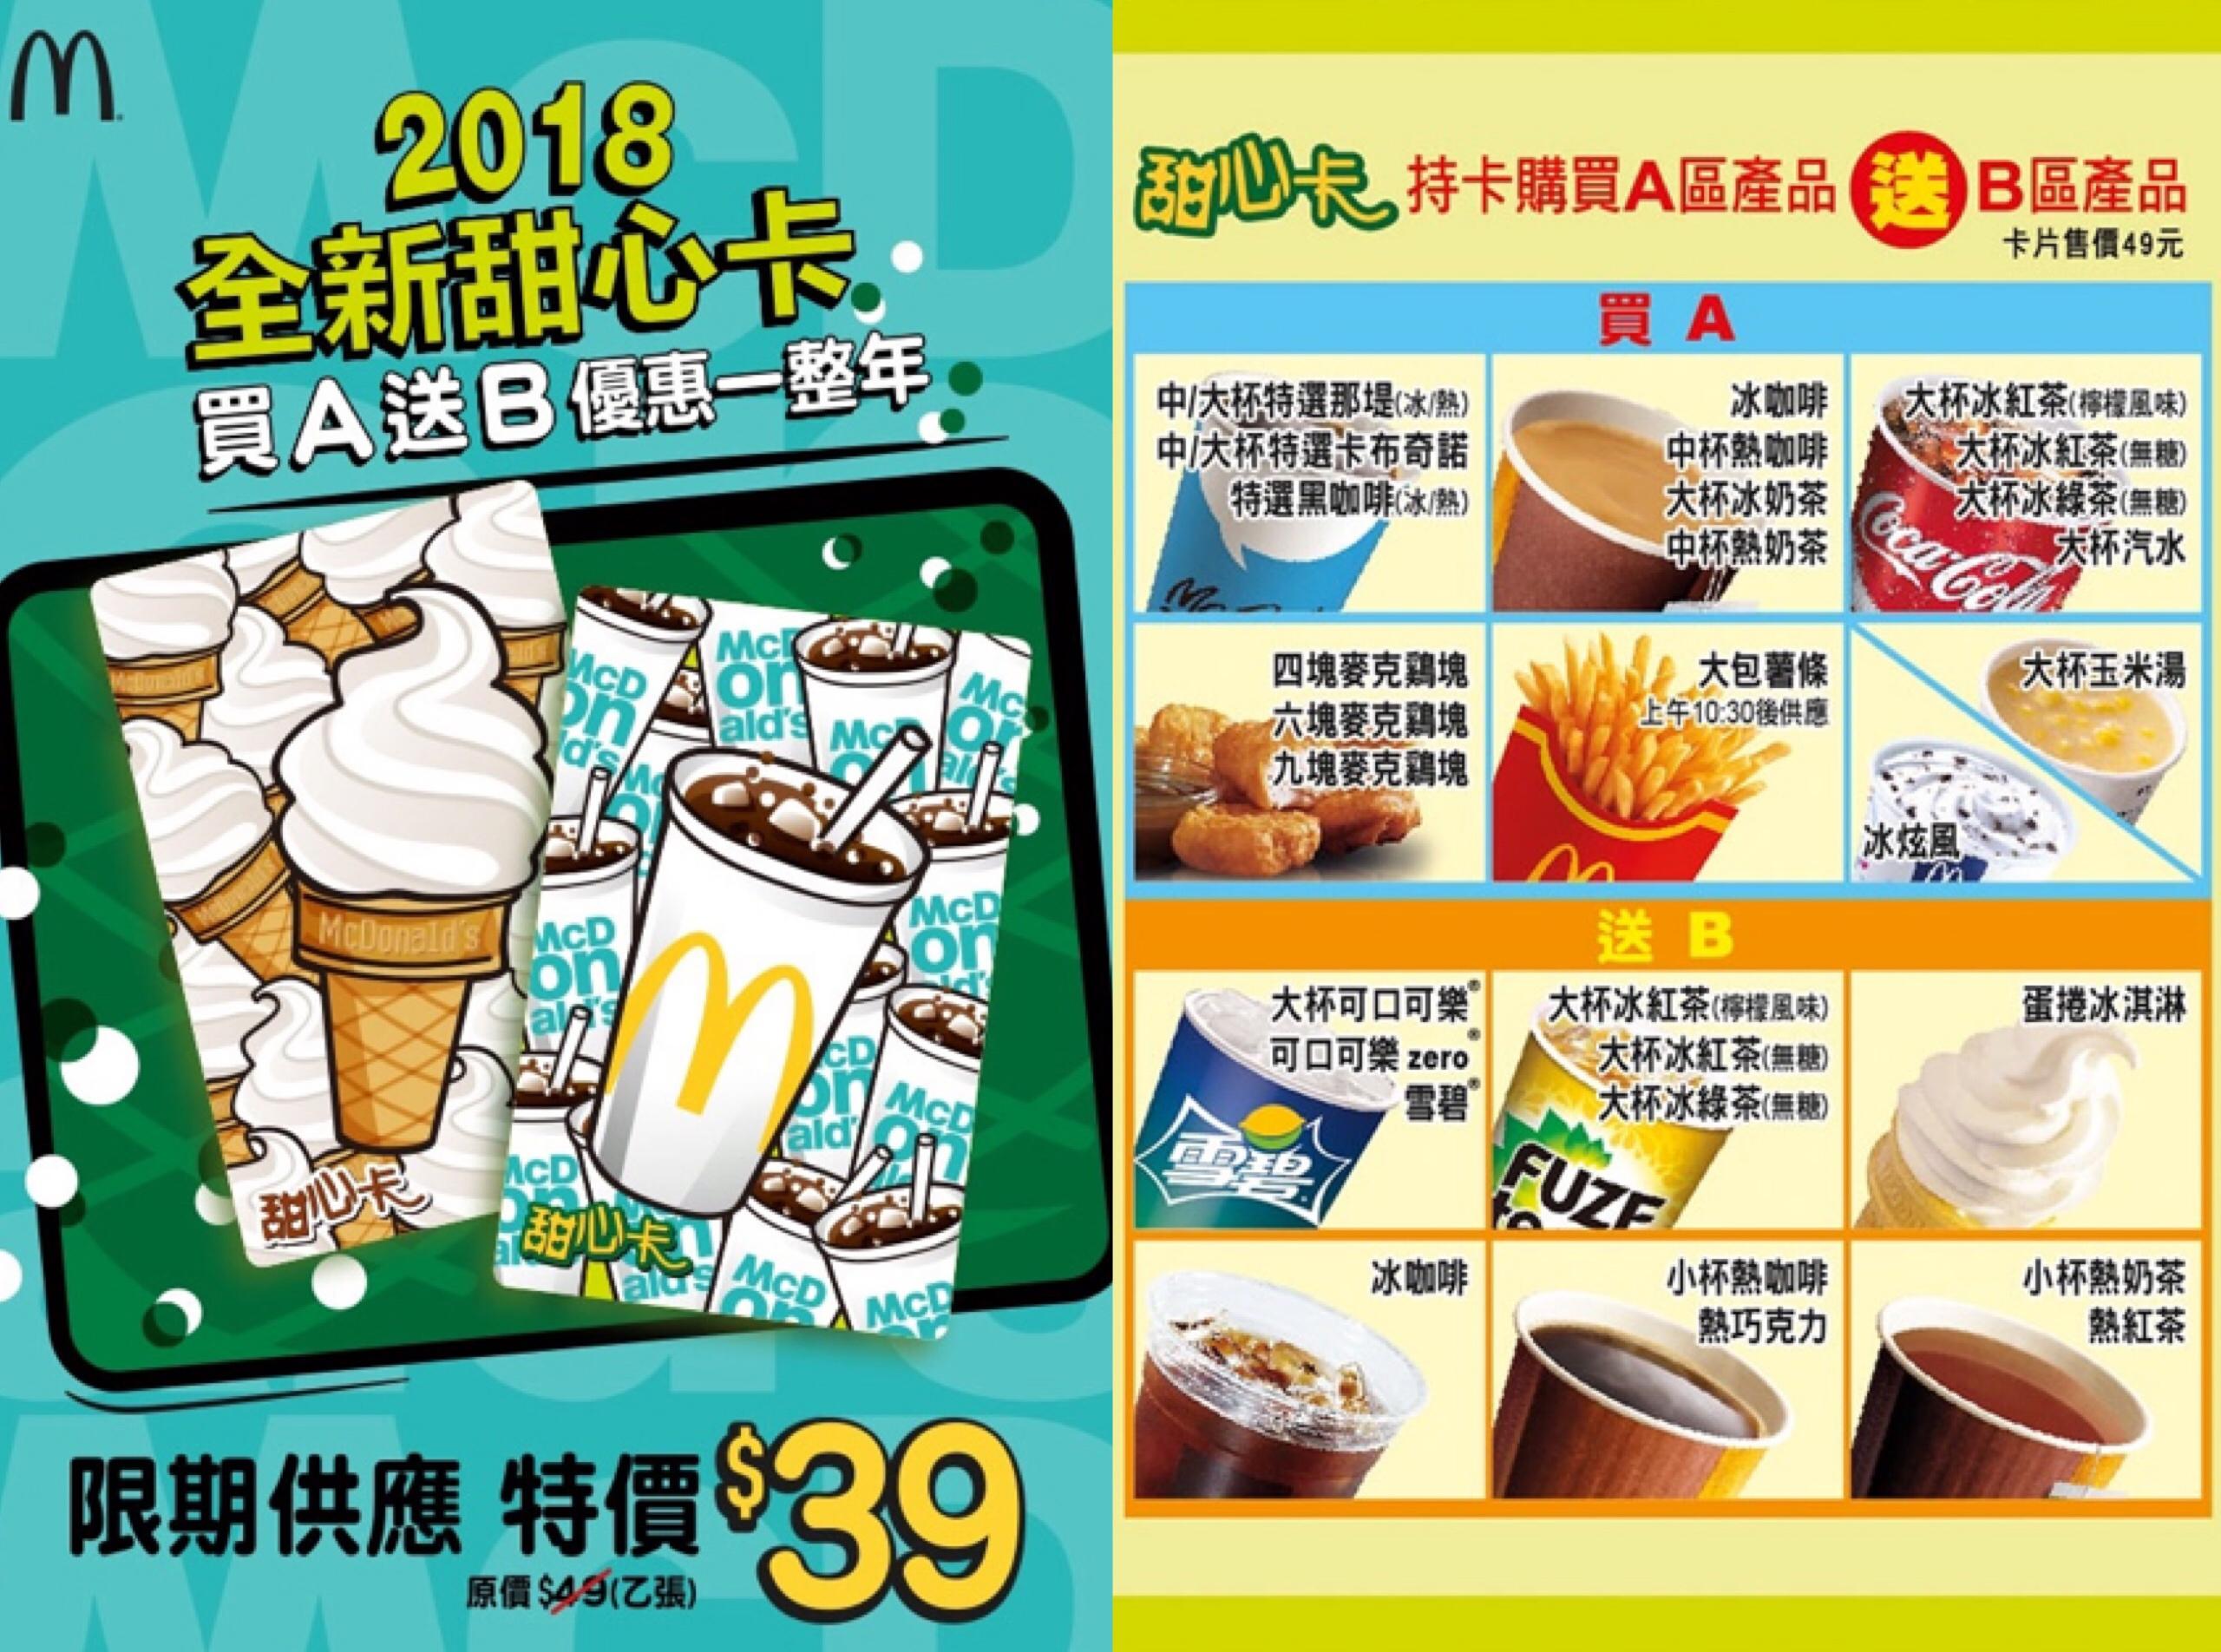 【隨筆】2018年麥當勞甜心卡